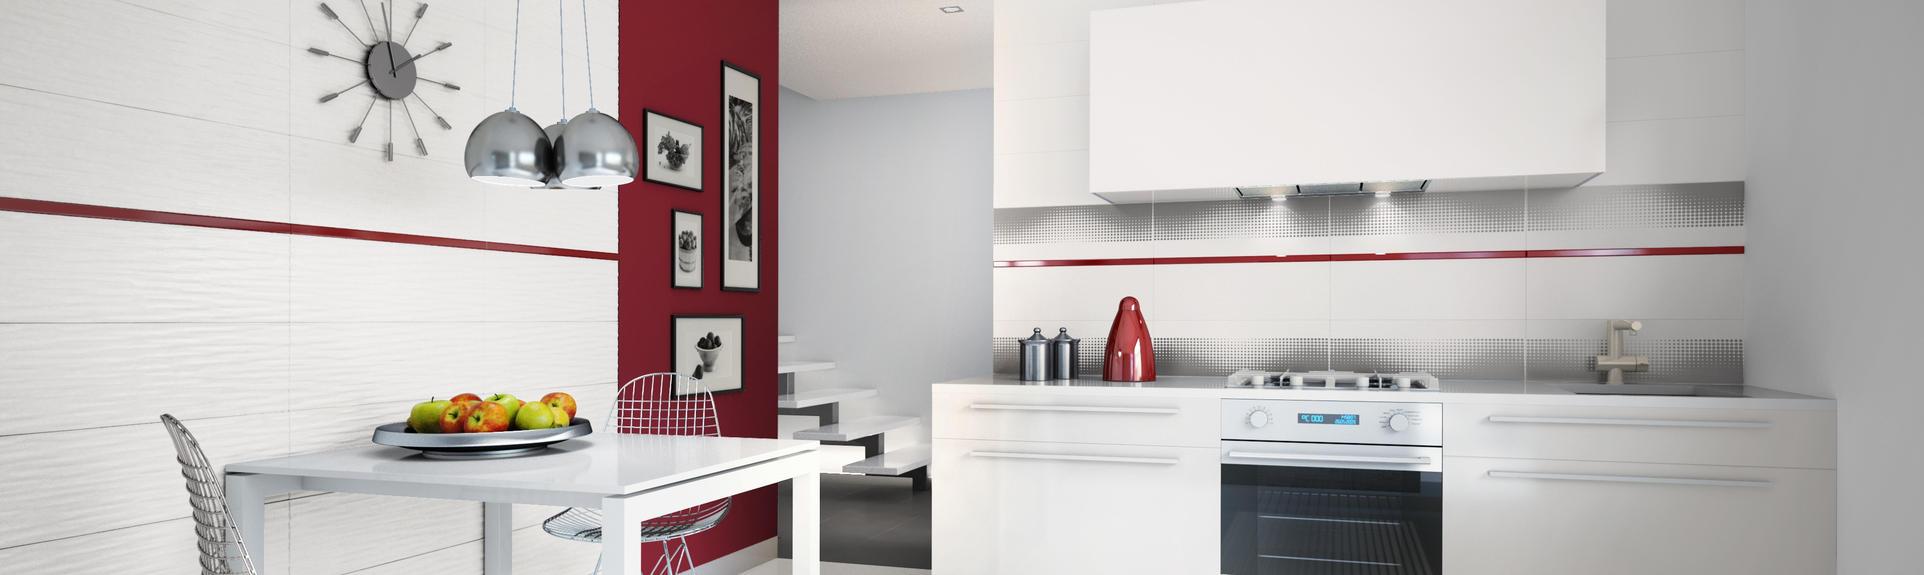 Midian/Purio - Kuchnia, Łazienka, Salon, Przedpokój